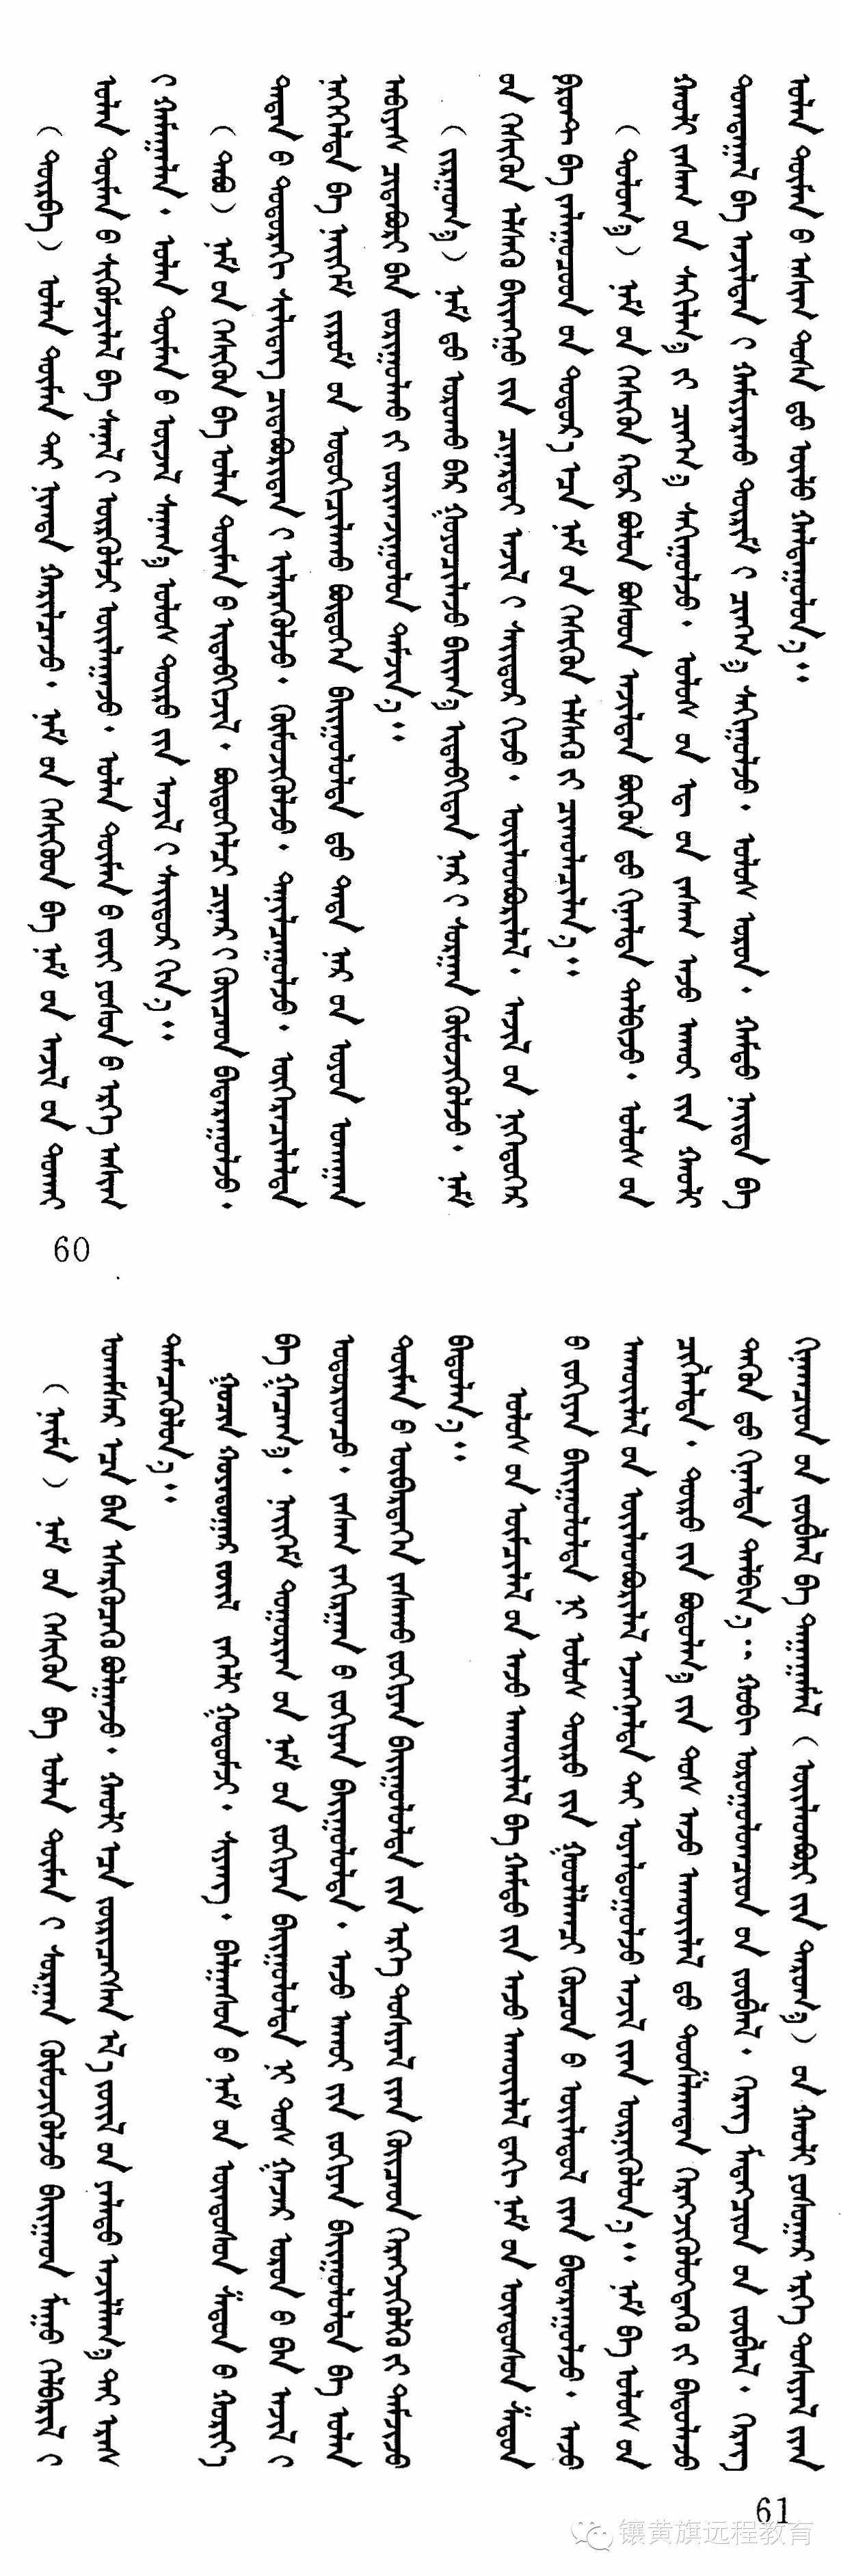 【两学一做材料】蒙文版《党章》 第16张 【两学一做材料】蒙文版《党章》 蒙古文库